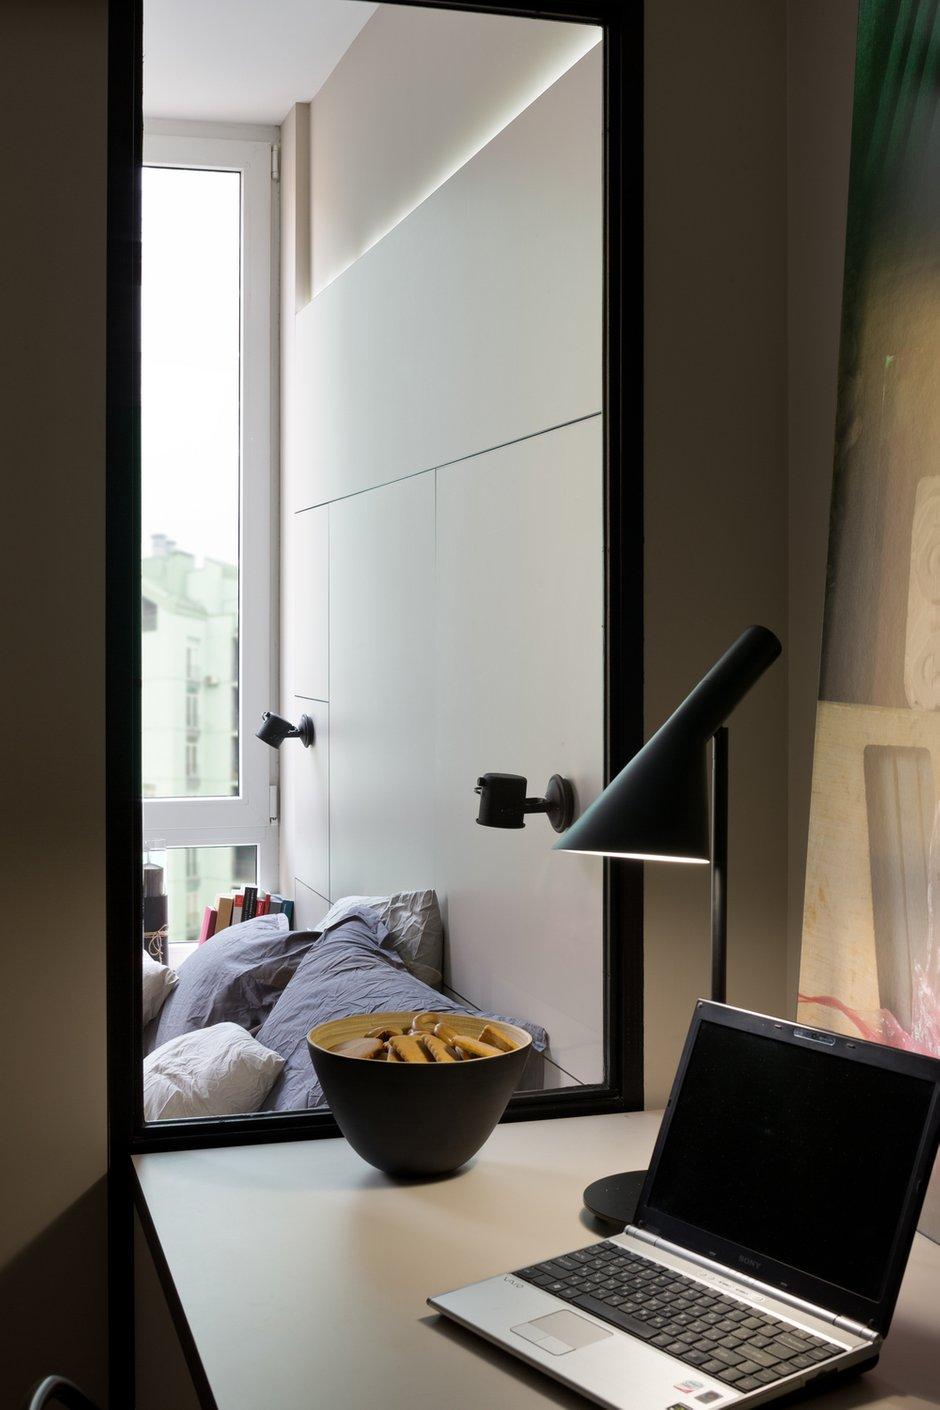 Фотография: Кабинет в стиле Современный, Квартира, Проект недели, 2 комнаты, 40-60 метров, Елена Фатеева, Fateeva Design – фото на INMYROOM